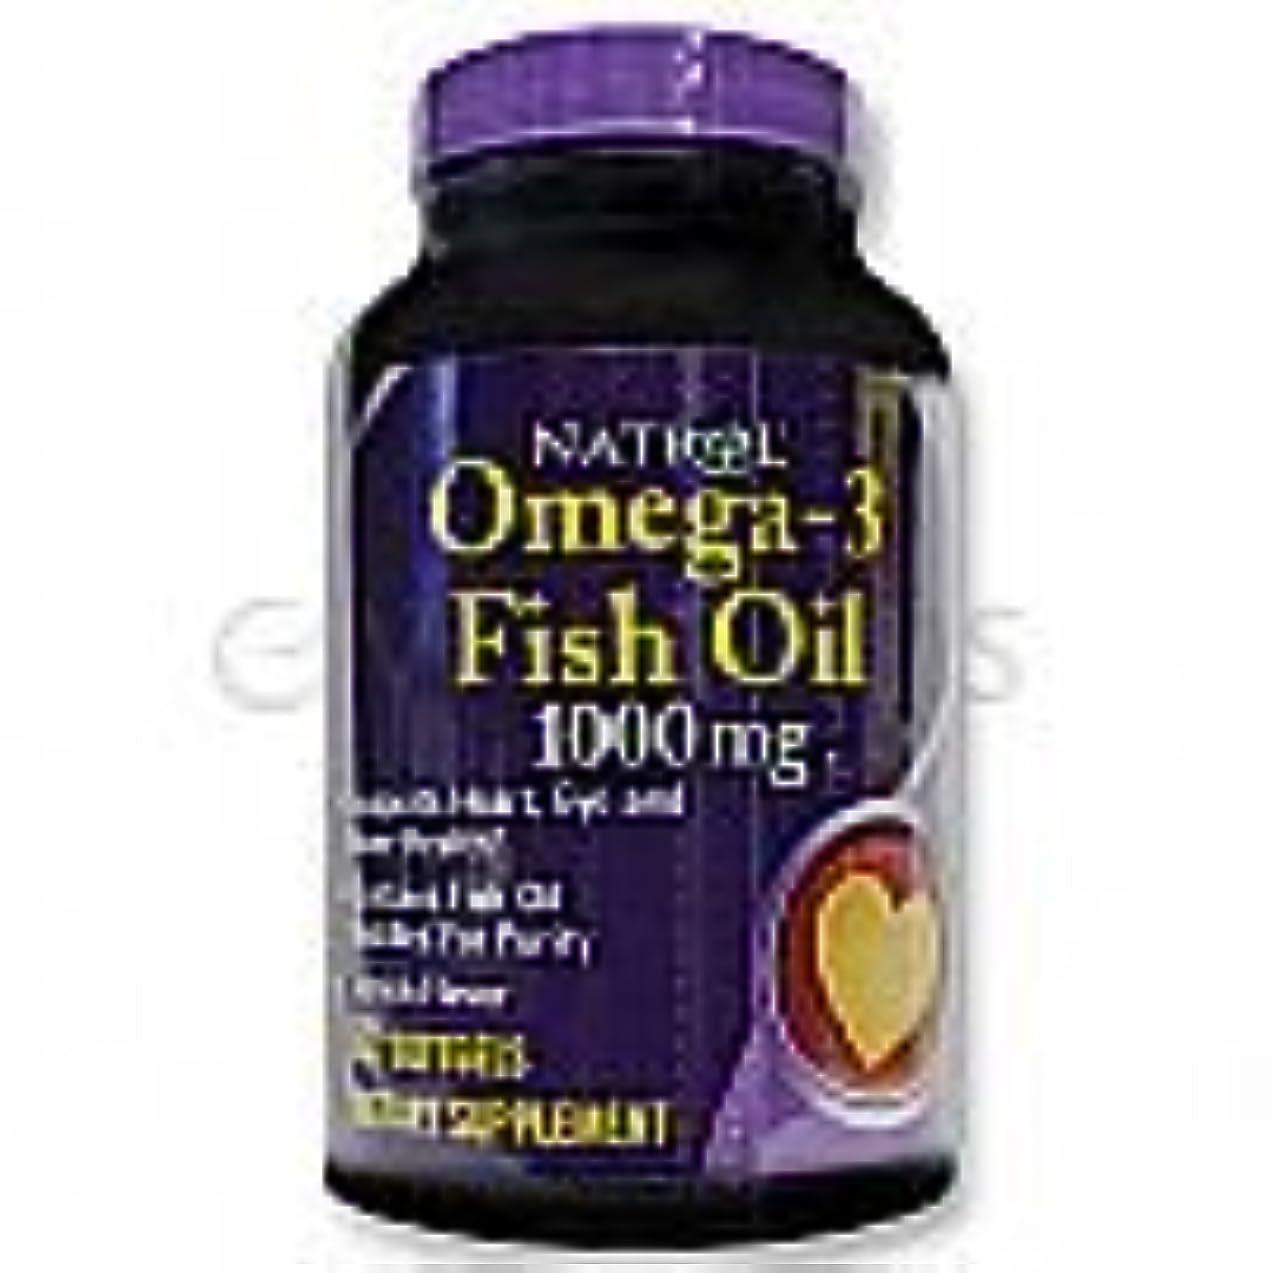 概して輪郭命令的Natrol Omega-3 Fish Oil 1,000 mg 60 Softgels Lemon [並行輸入品]